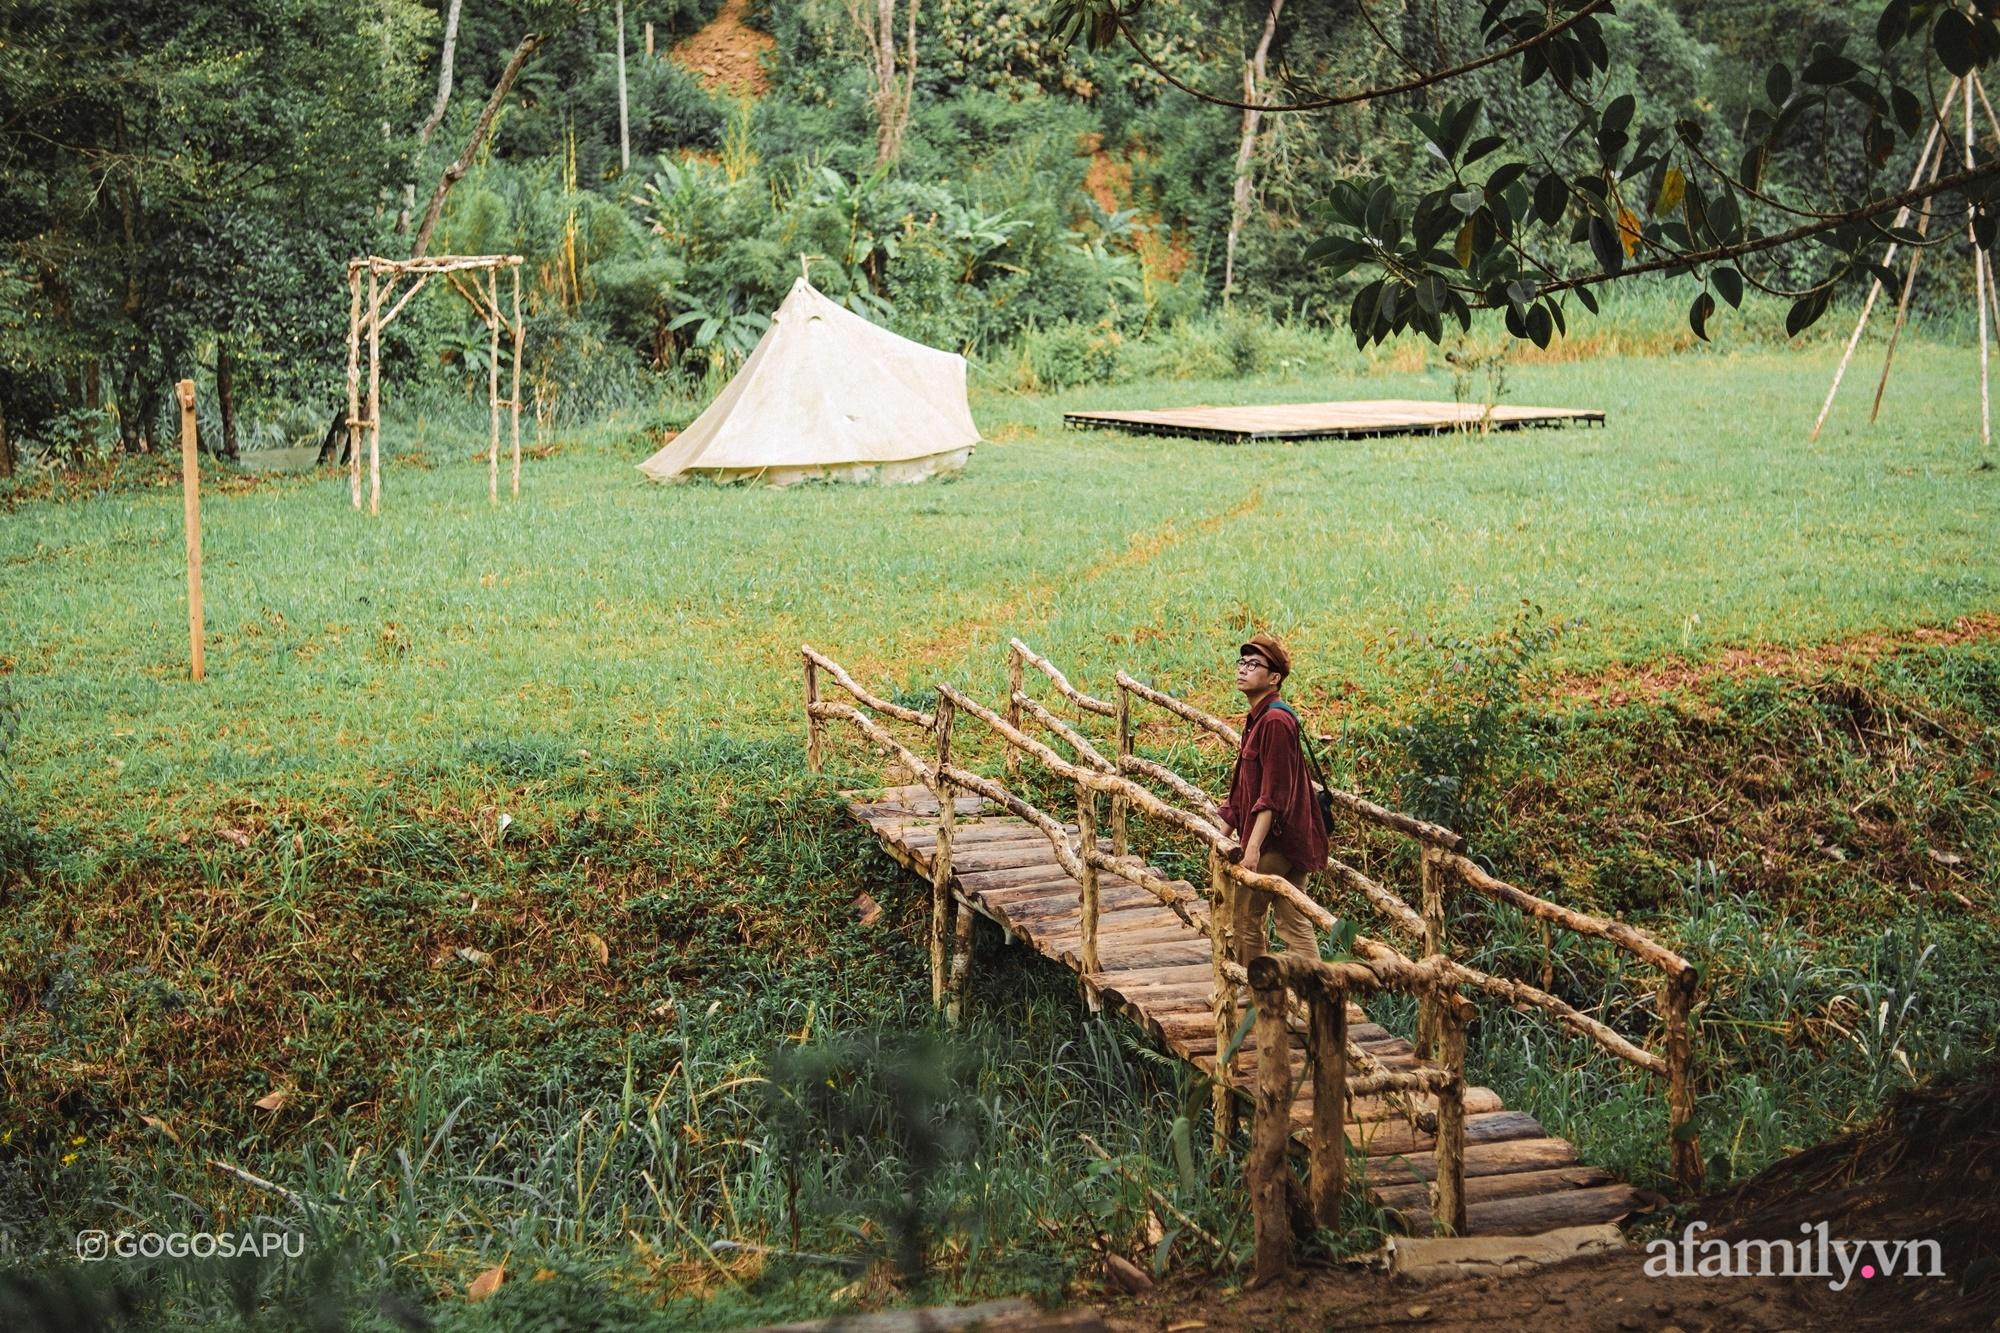 """Thung lũng """"bí ẩn"""" lạ lẫm ở Đà Lạt: Có hoa vàng cỏ xanh, suối mát lành đẹp như tranh vẽ, nhưng không phải cứ muốn đến là được, cũng chẳng có 3G để xài! - Ảnh 12."""